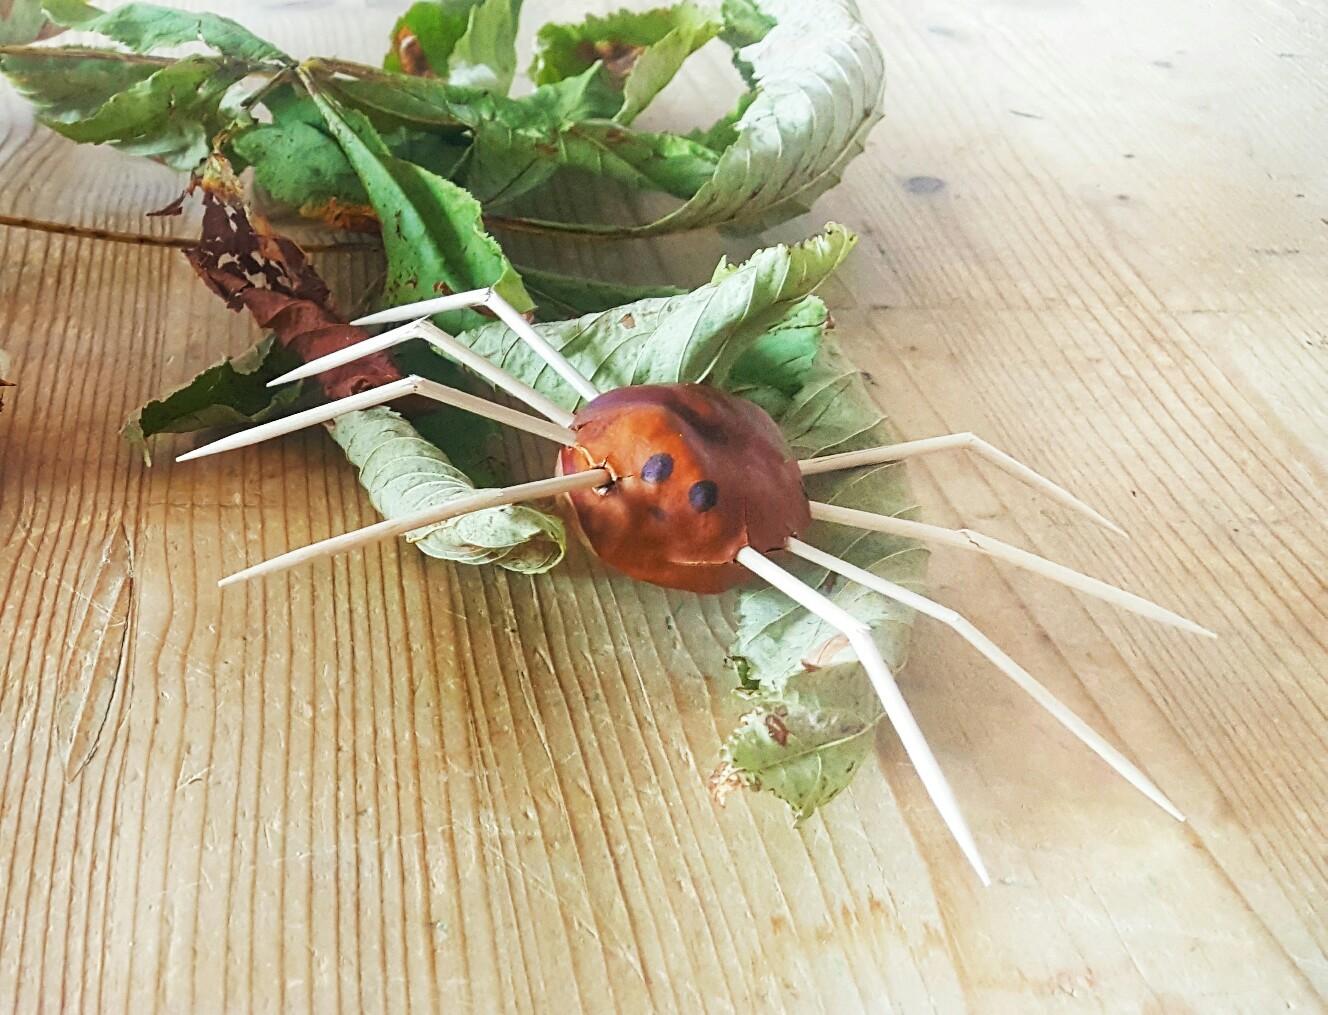 Kastanien-Spinne:  Basteln mit Kastanien